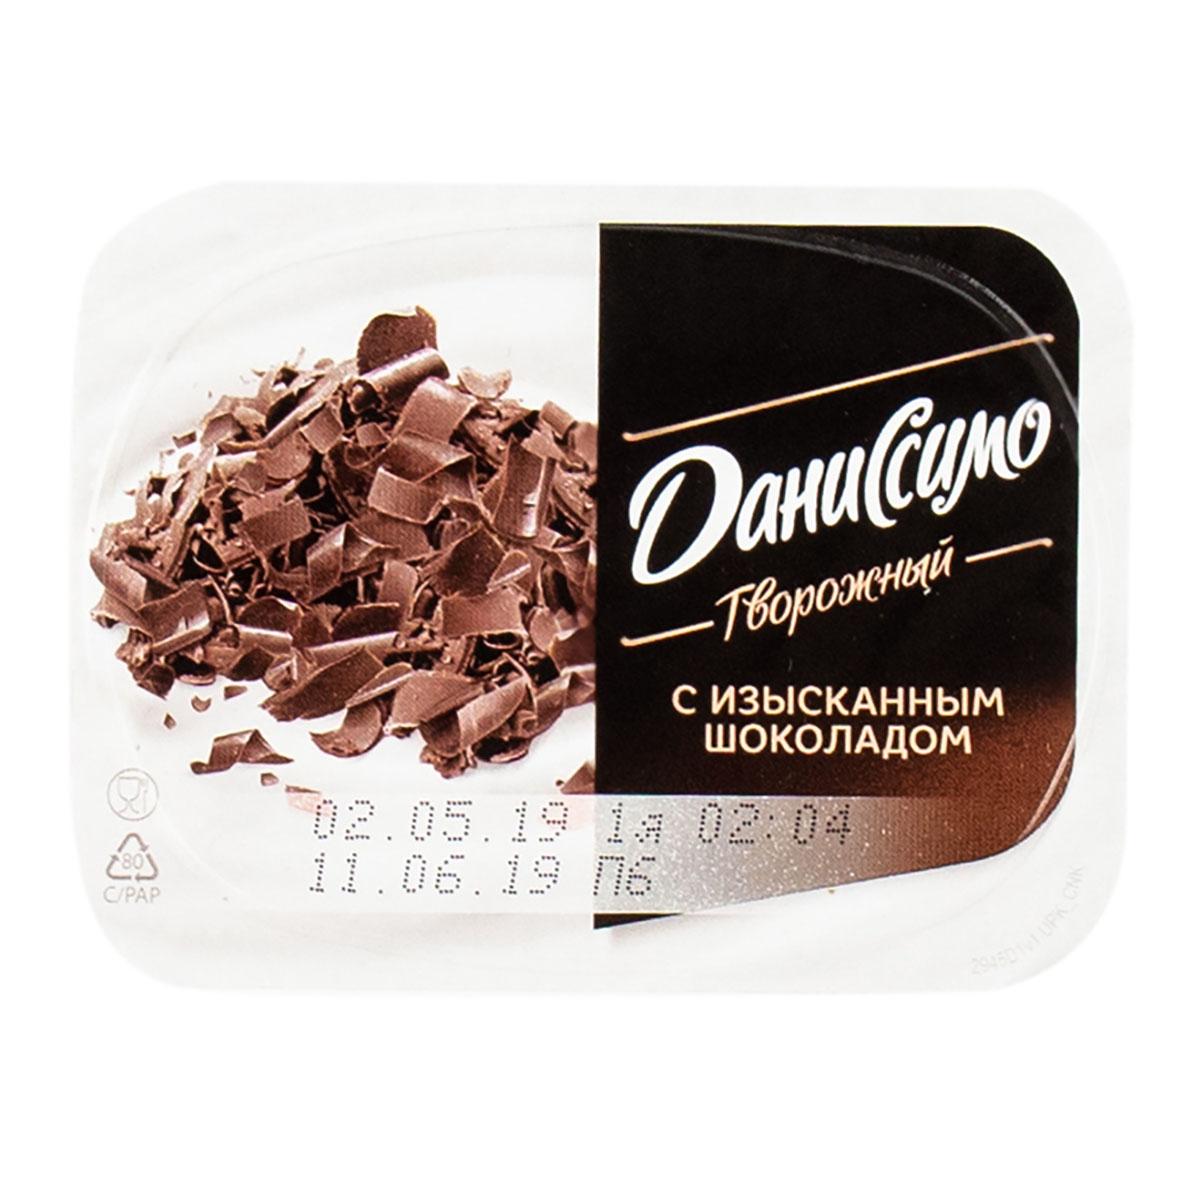 «Даниссимо» творожный шоколад